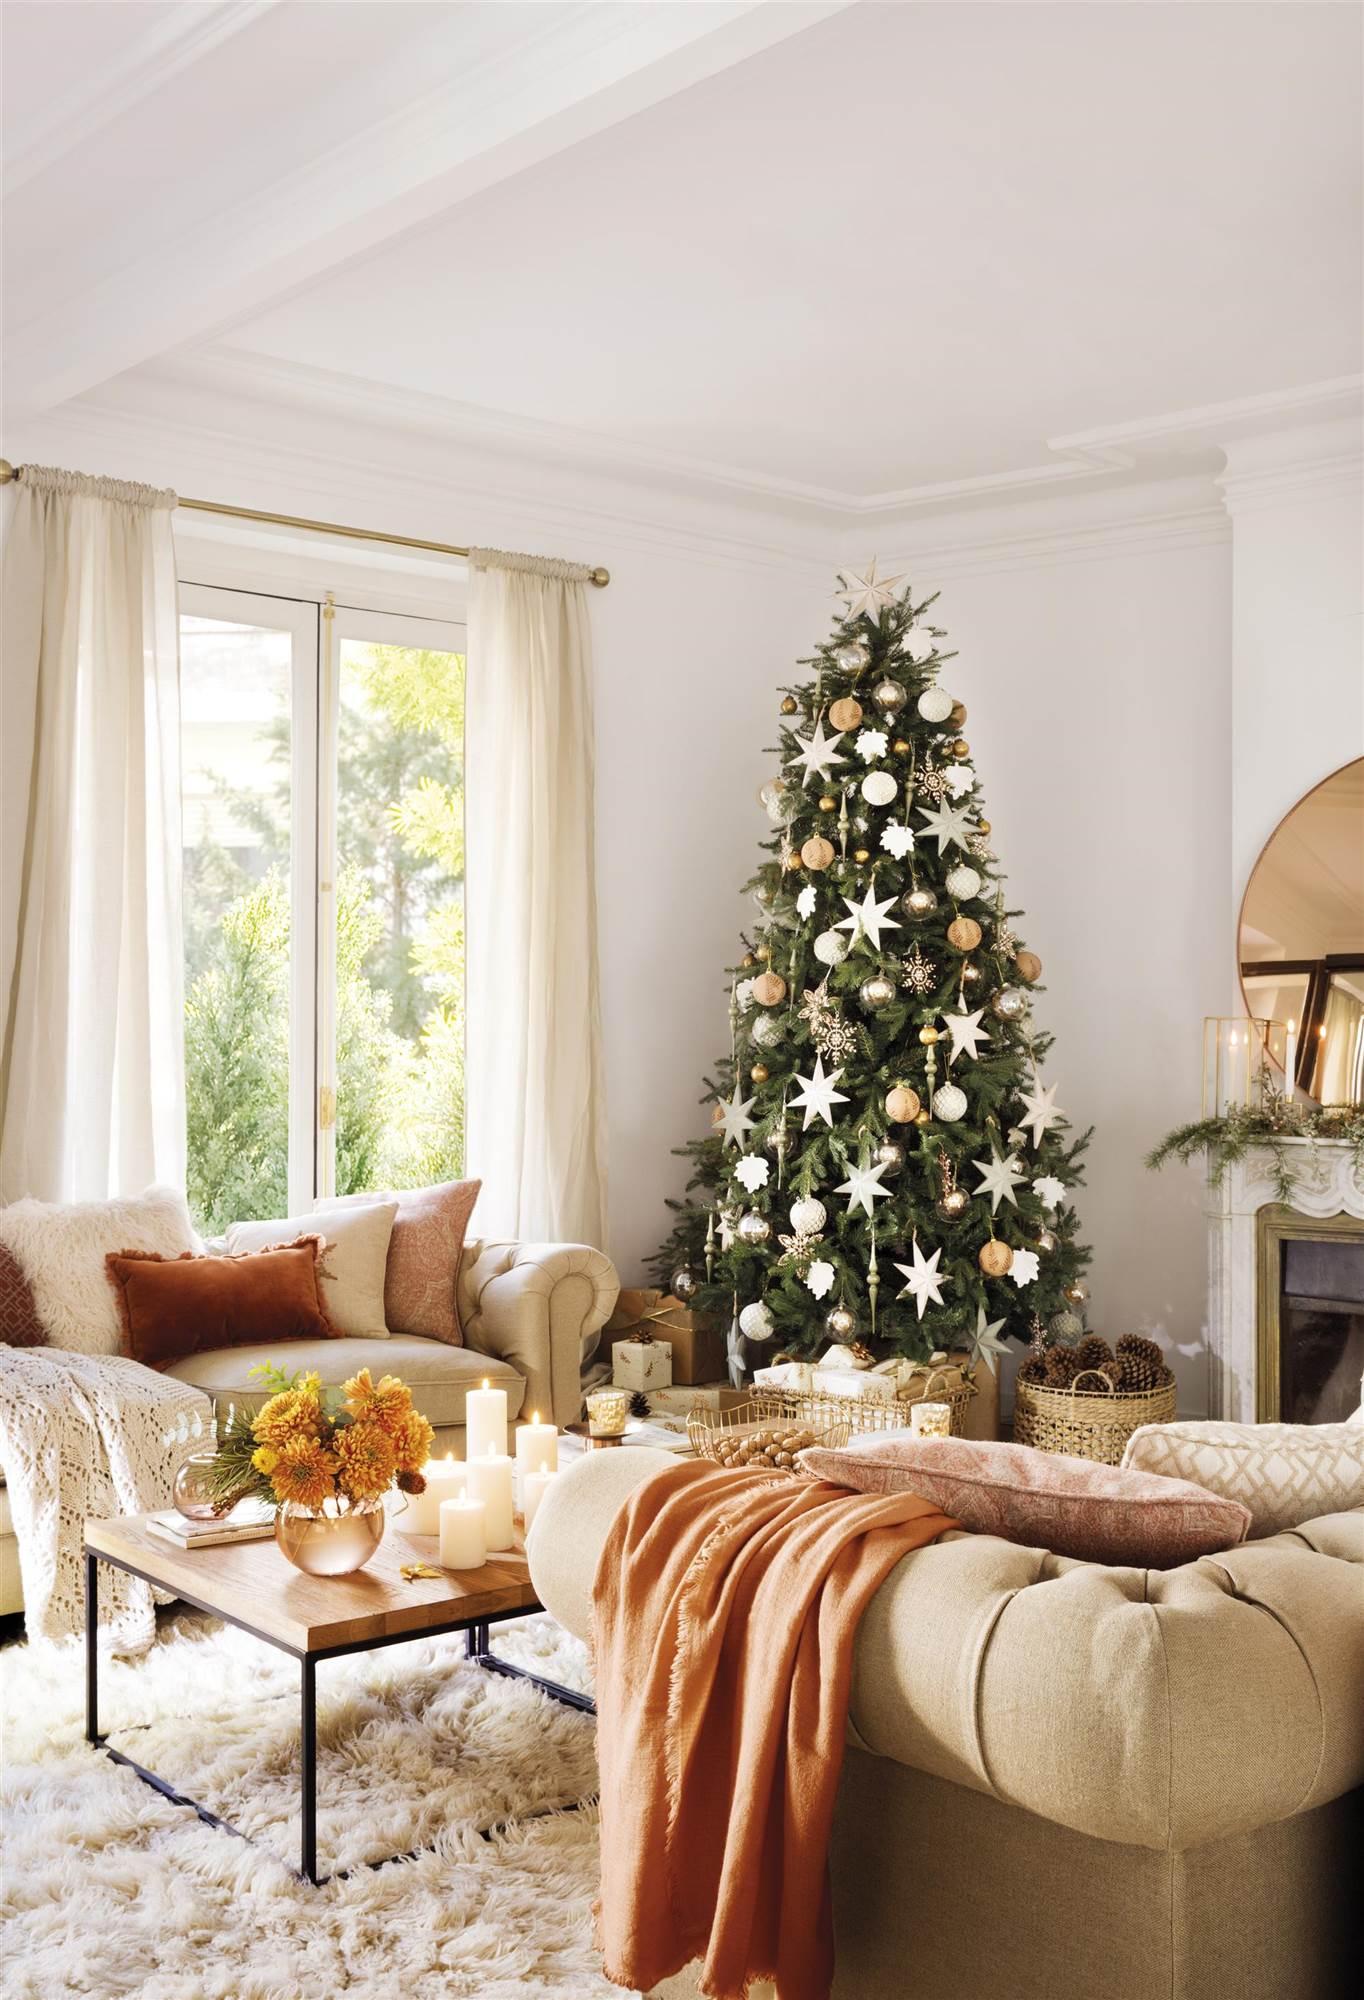 217dbbebe832 Ideas de decoración para Navidad: color dorado y elementos brillantes